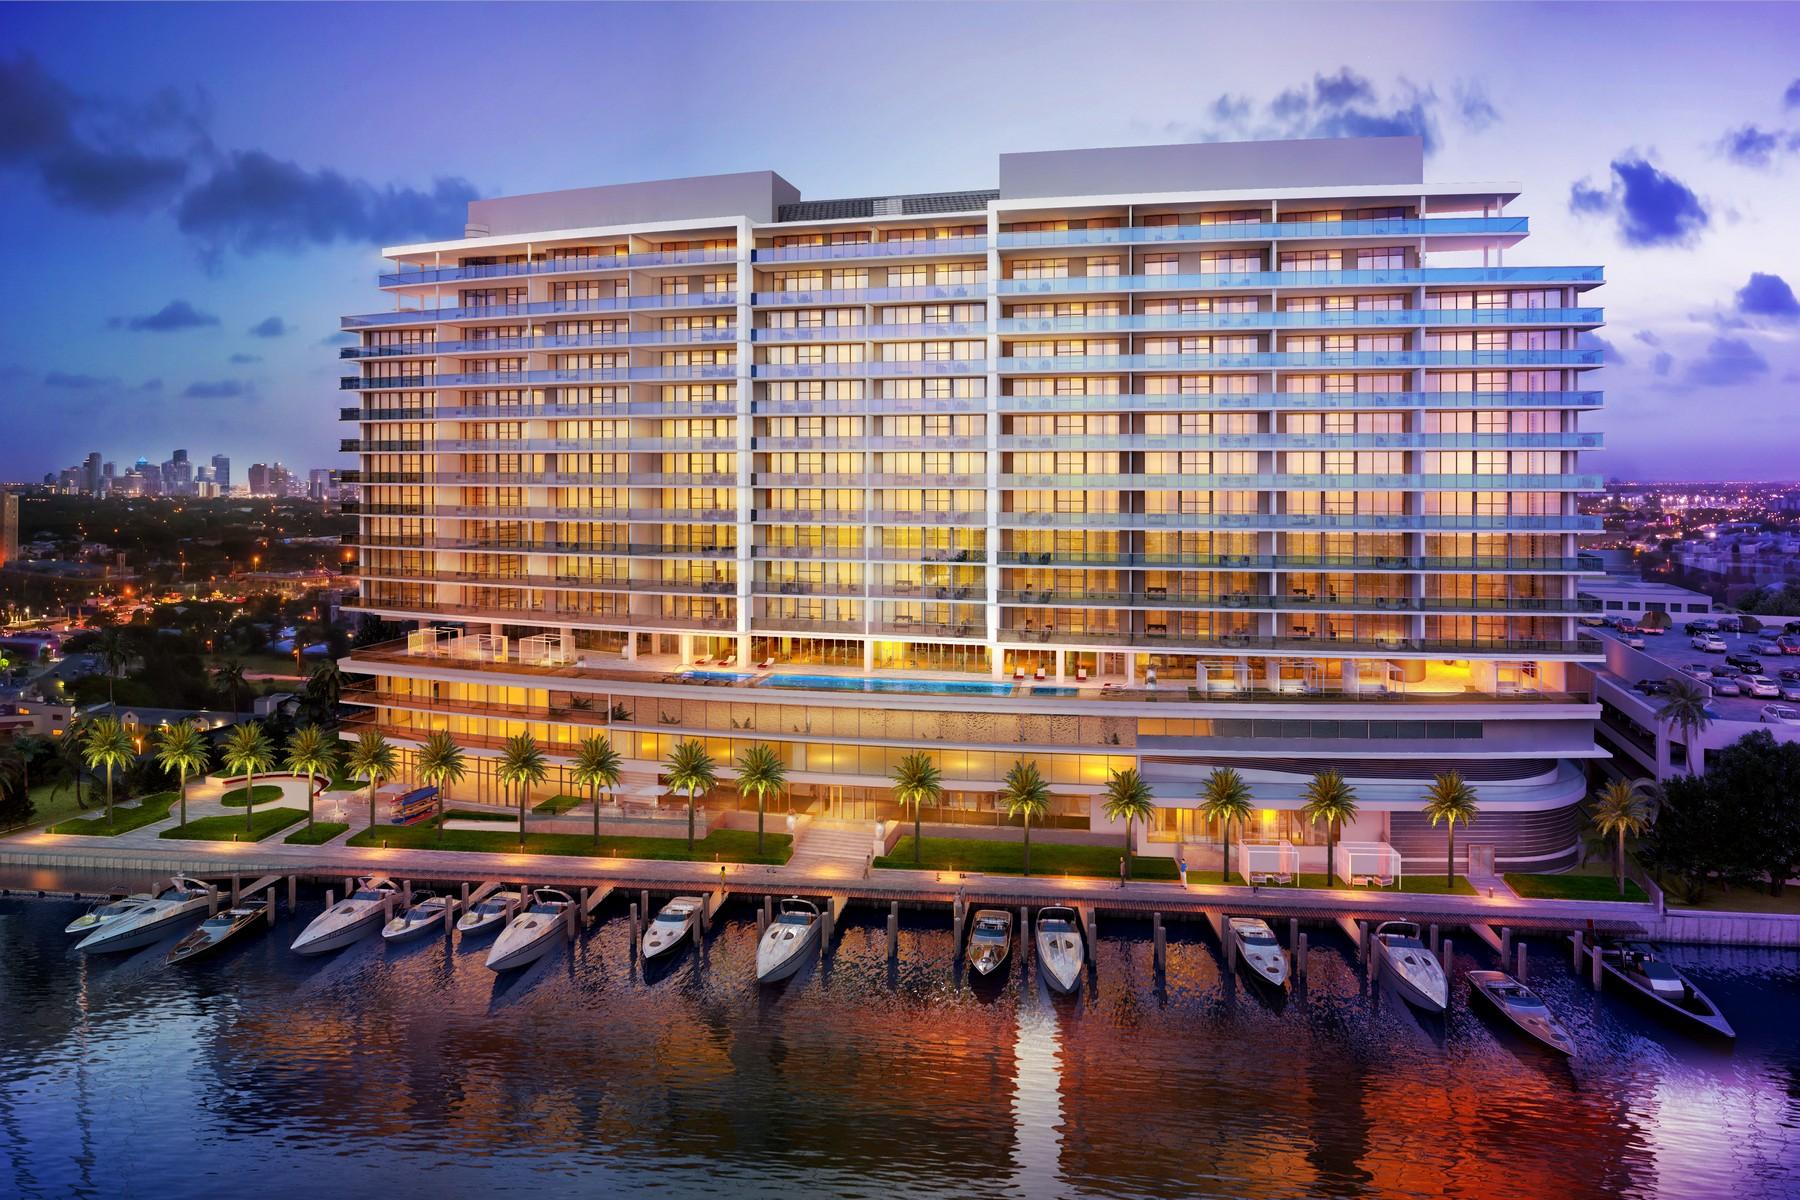 Condomínio para Venda às 1180 N Federal HWY Unit #910 Fort Lauderdale, Florida 33304 Estados Unidos